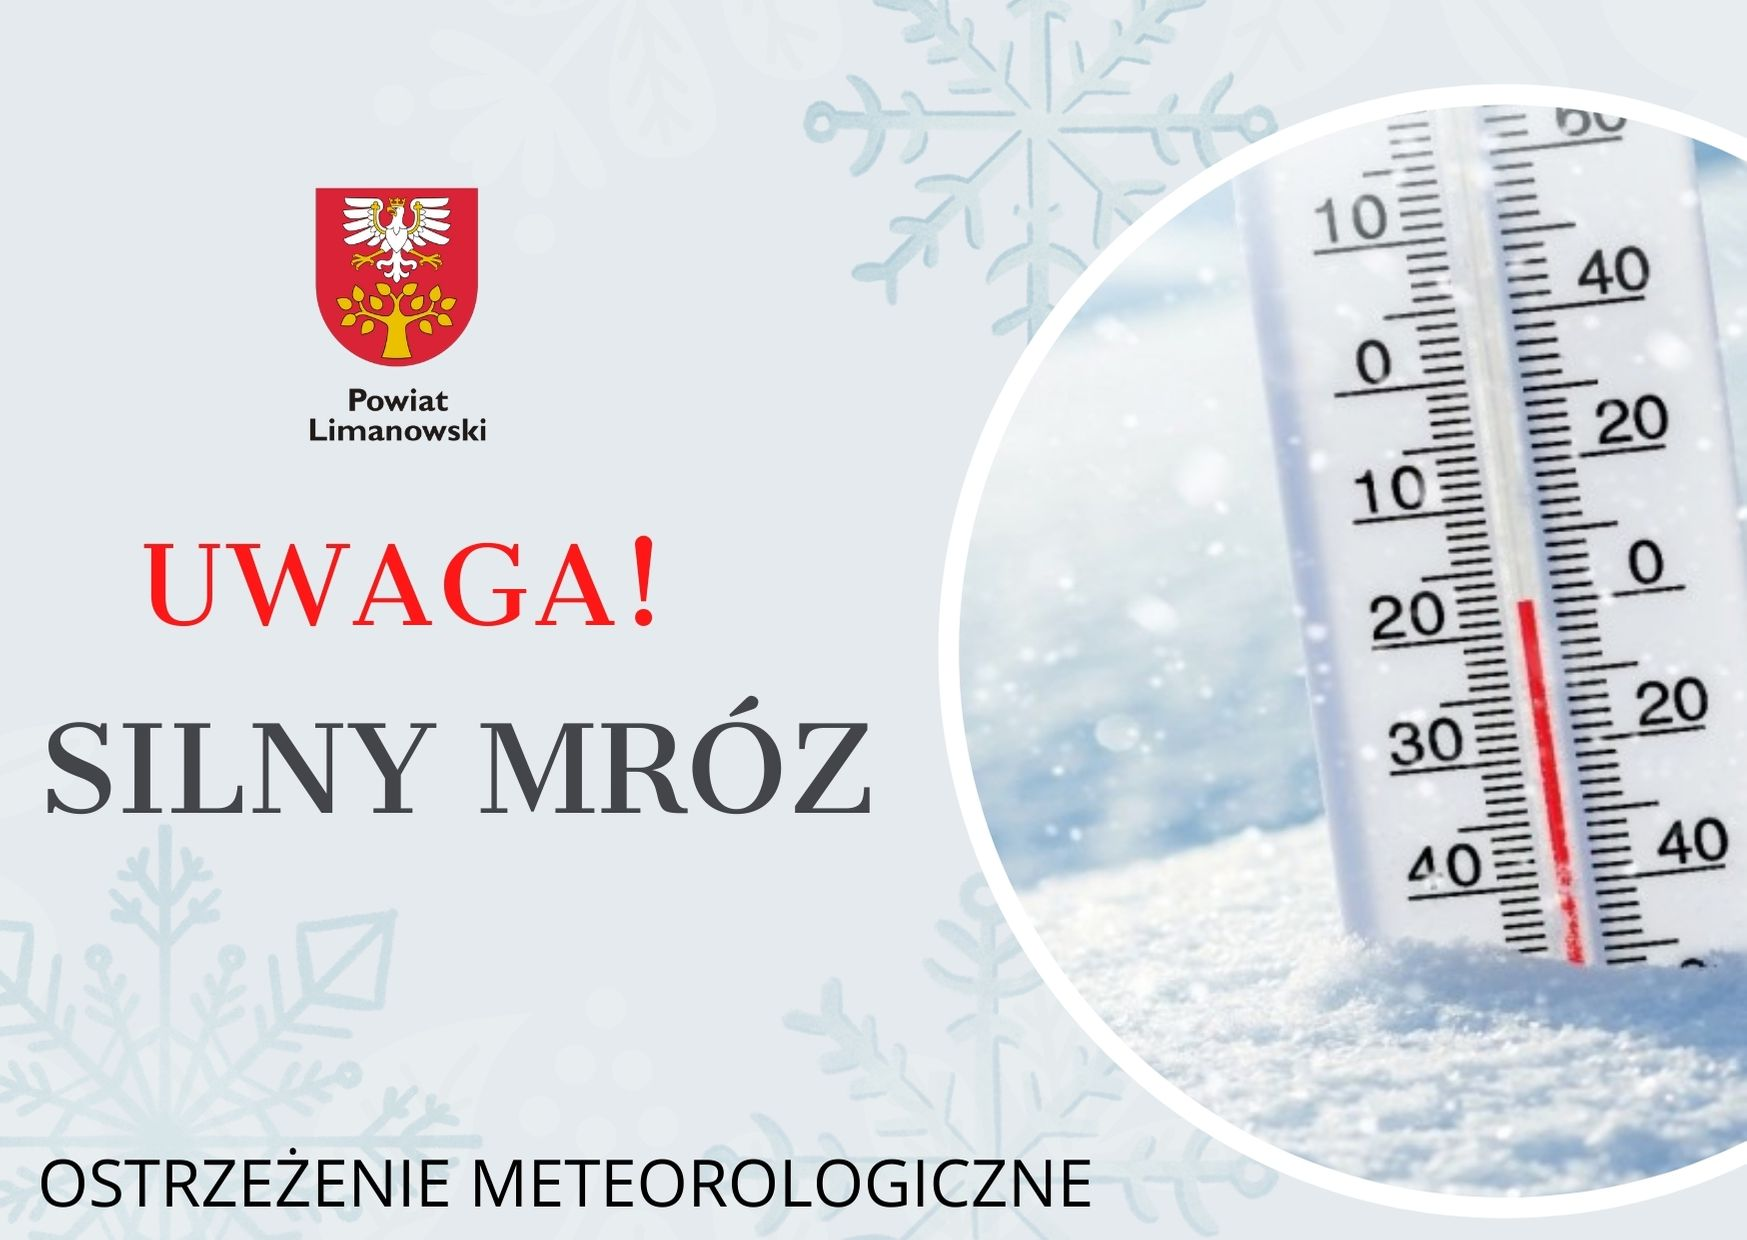 grafika w sprawie ostrzeżenia meteorologicznego- Uwaga! Silny Mróz